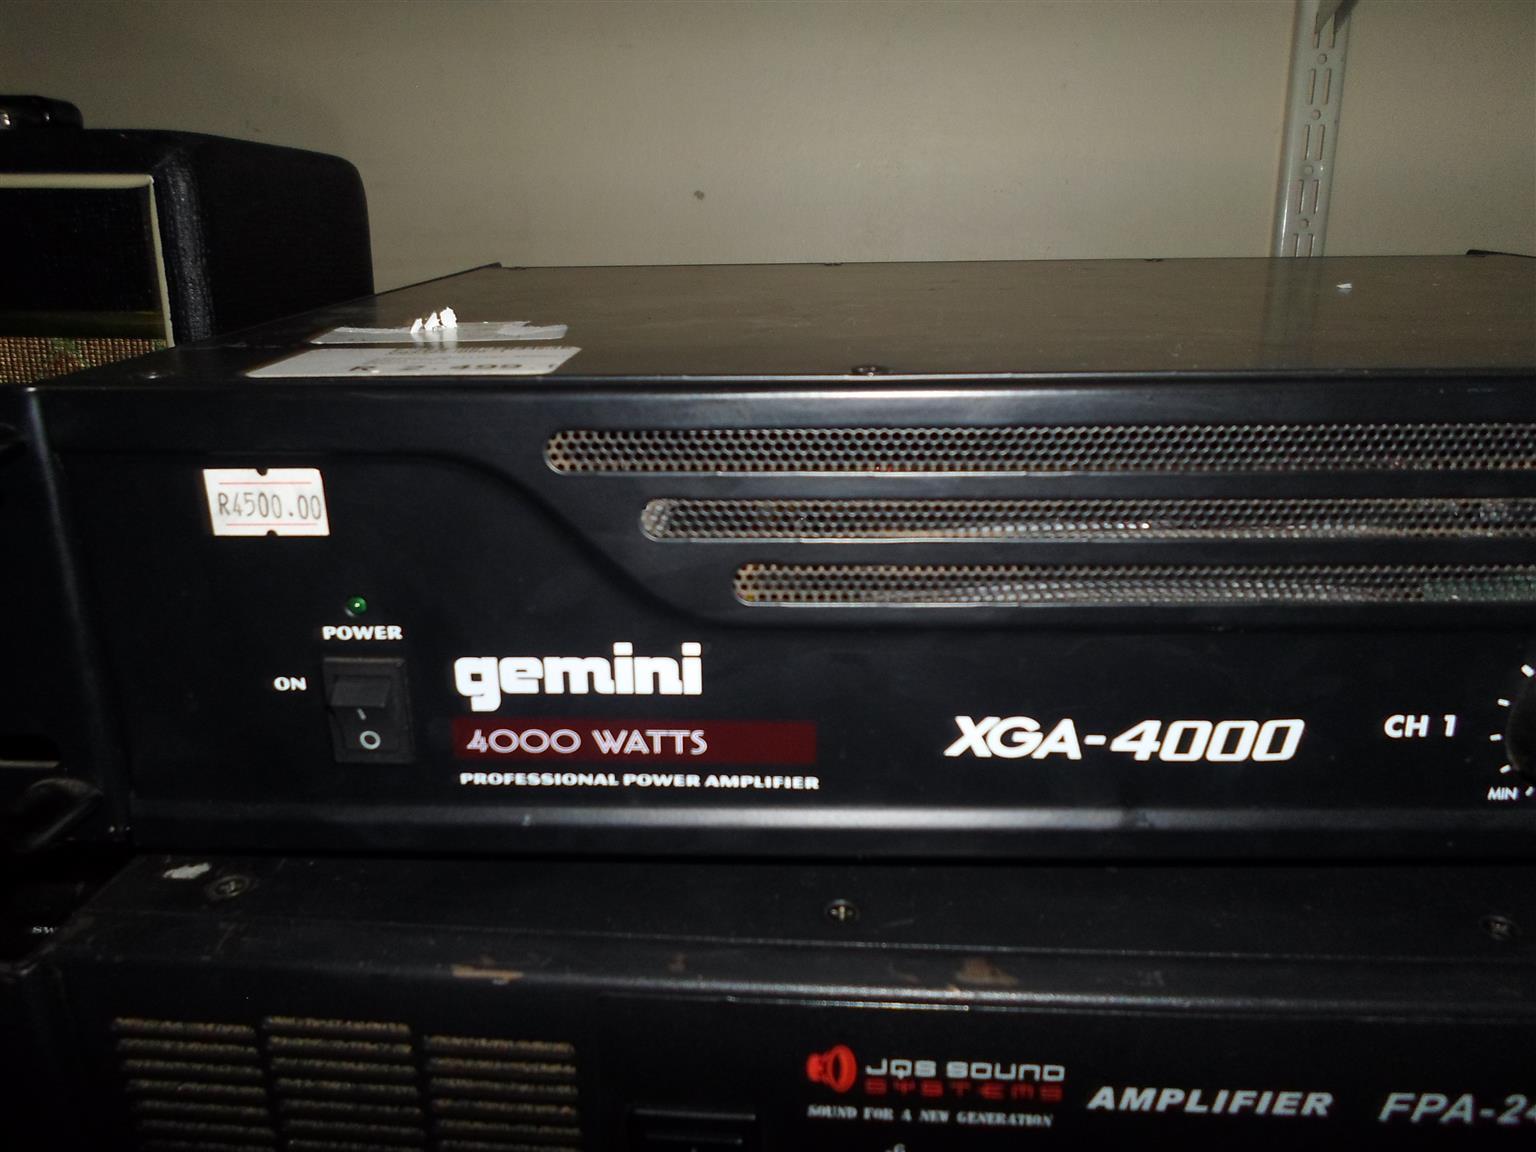 Gemini XGA-4000 3 Channel Amplifier